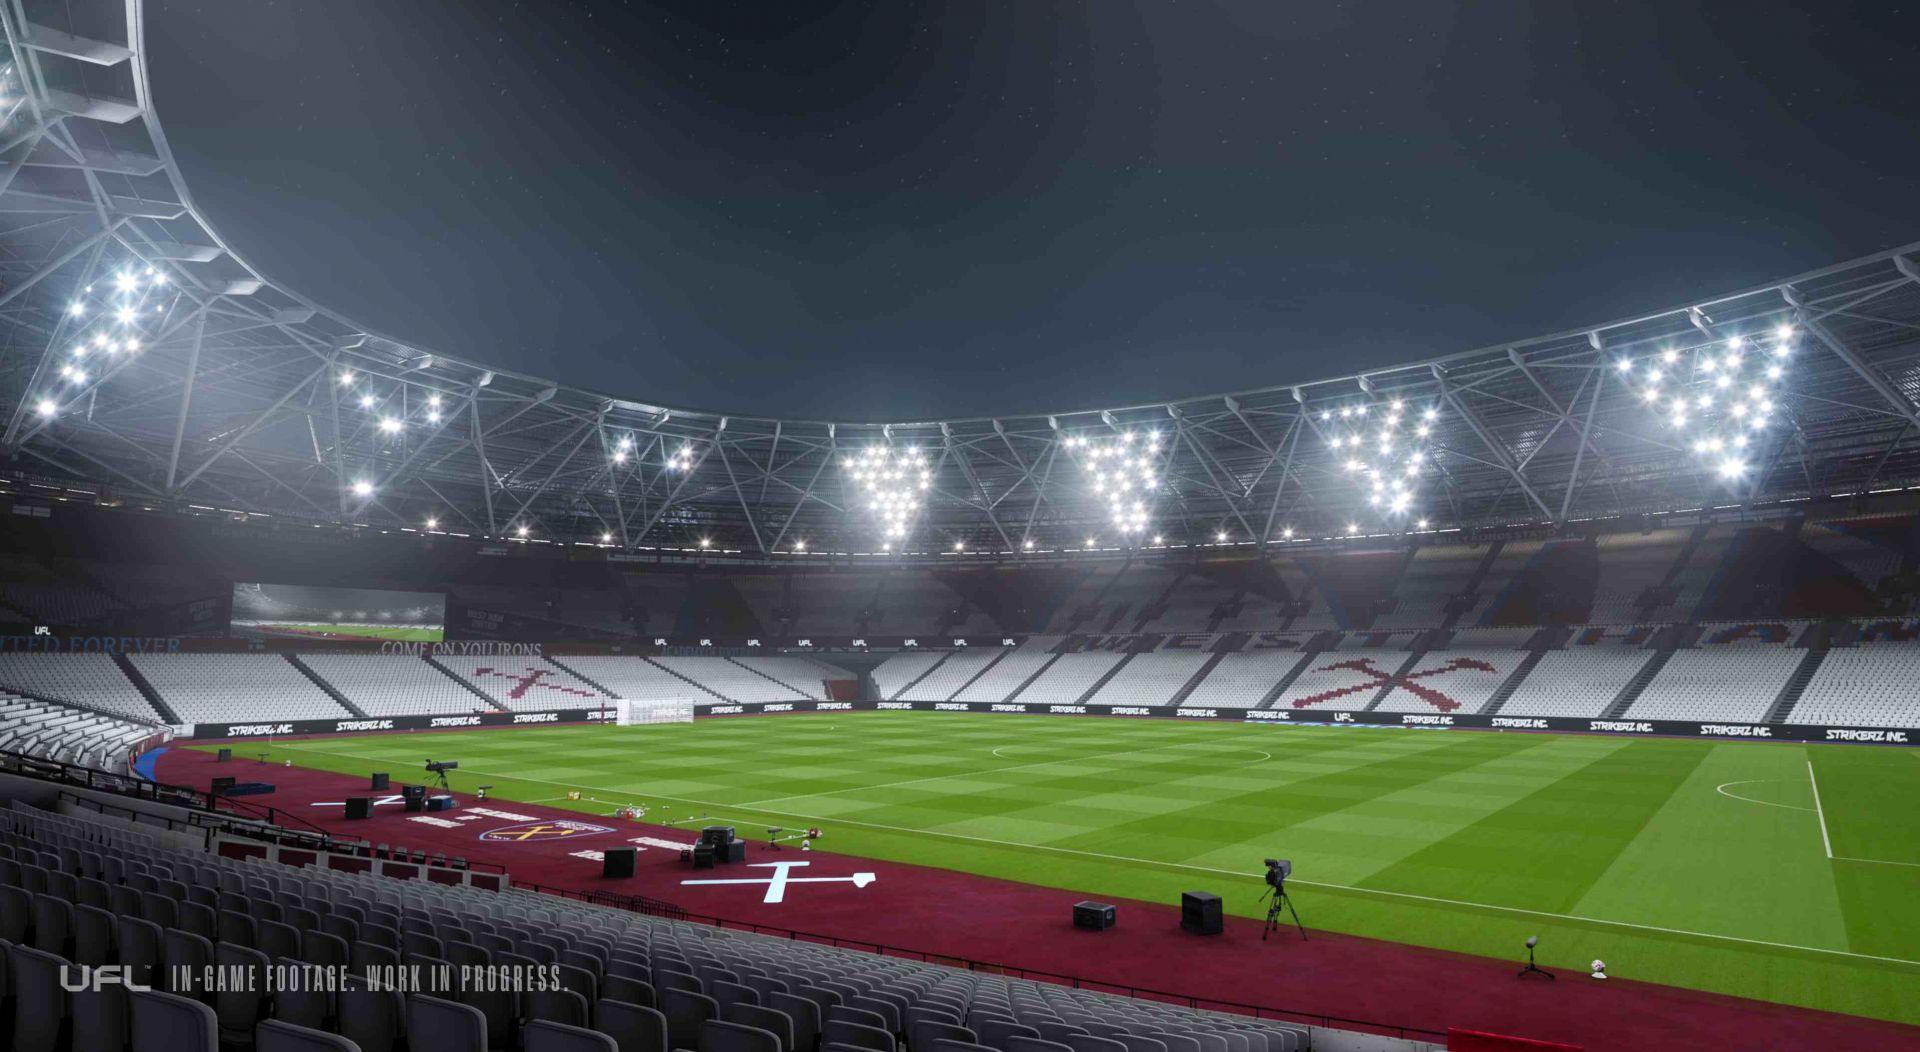 Primera captura in-game del nuevo UFL Football - El estudio detrás de UFL Football ha publicado un tráiler, en el que se puede ver en movimiento el juego gracias al apoyo recibido por los fans.